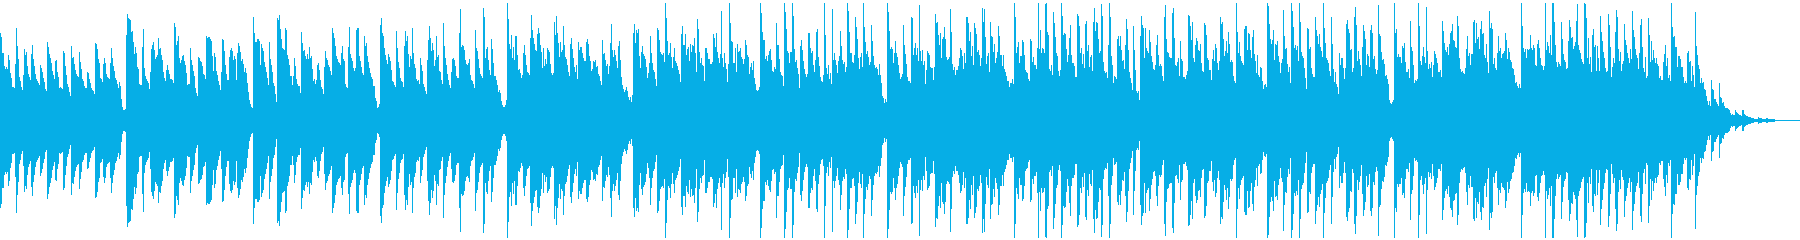 フレンドリーでポジティブな電子トラ...の再生済みの波形